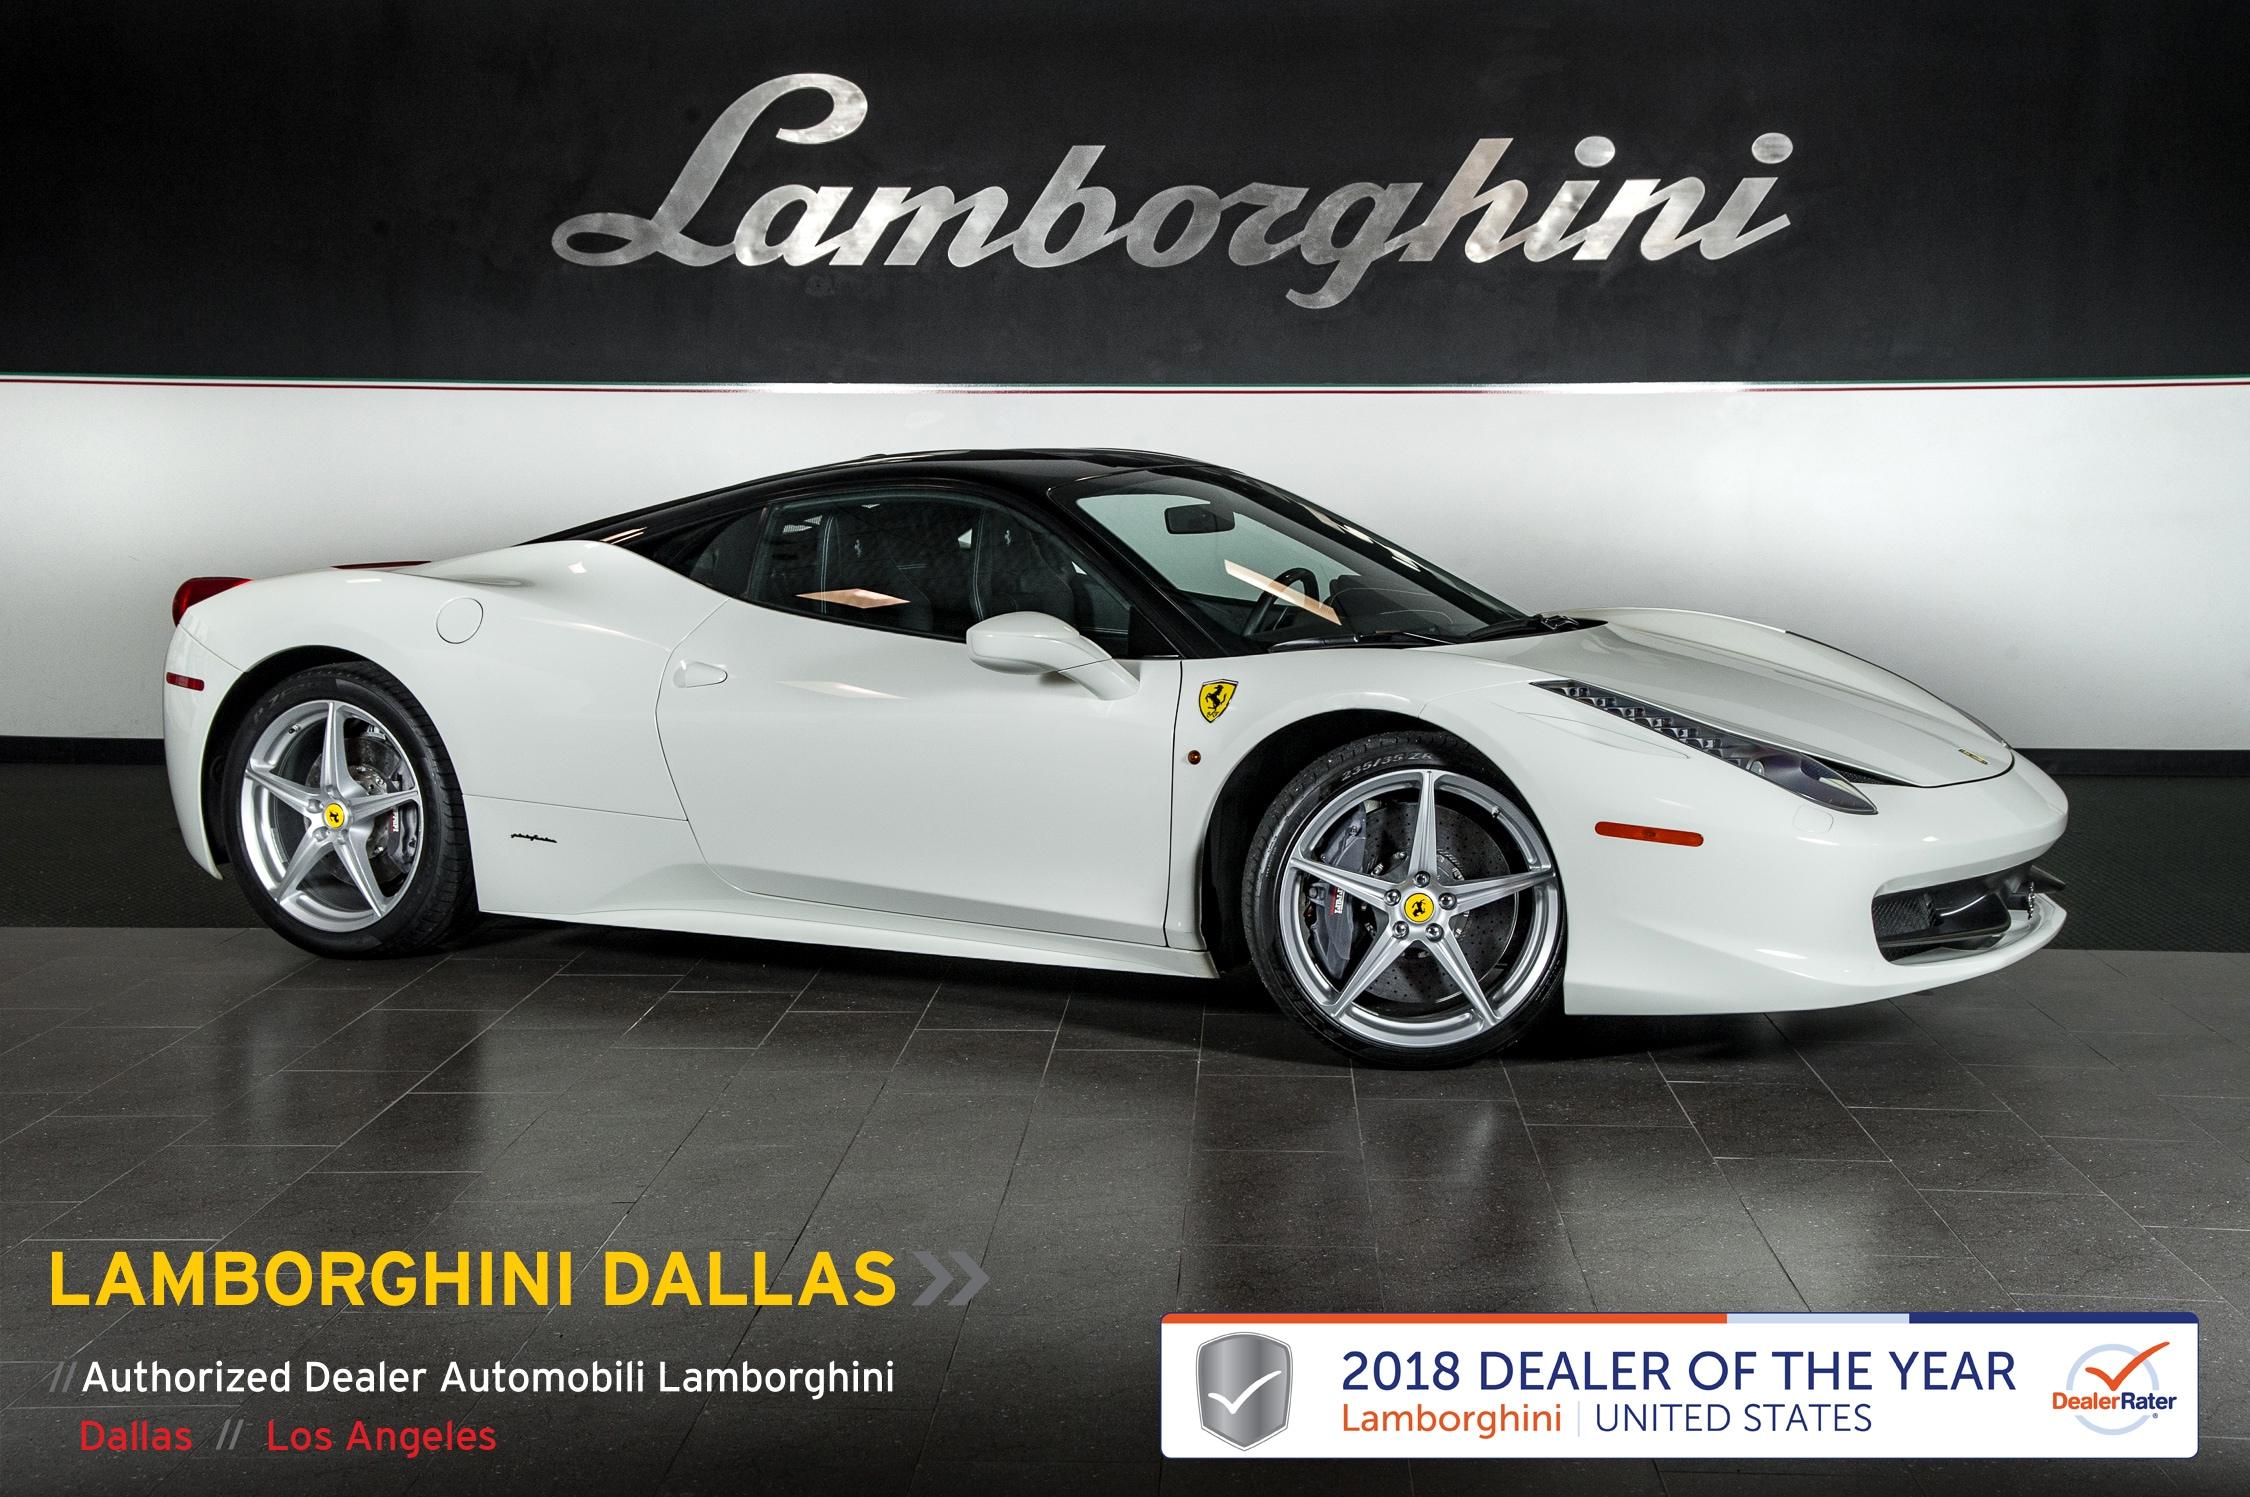 Used 2015 Ferrari 458 Italia For Sale Richardson Tx Stock L0990 Vin Zff67nfa9f0207564